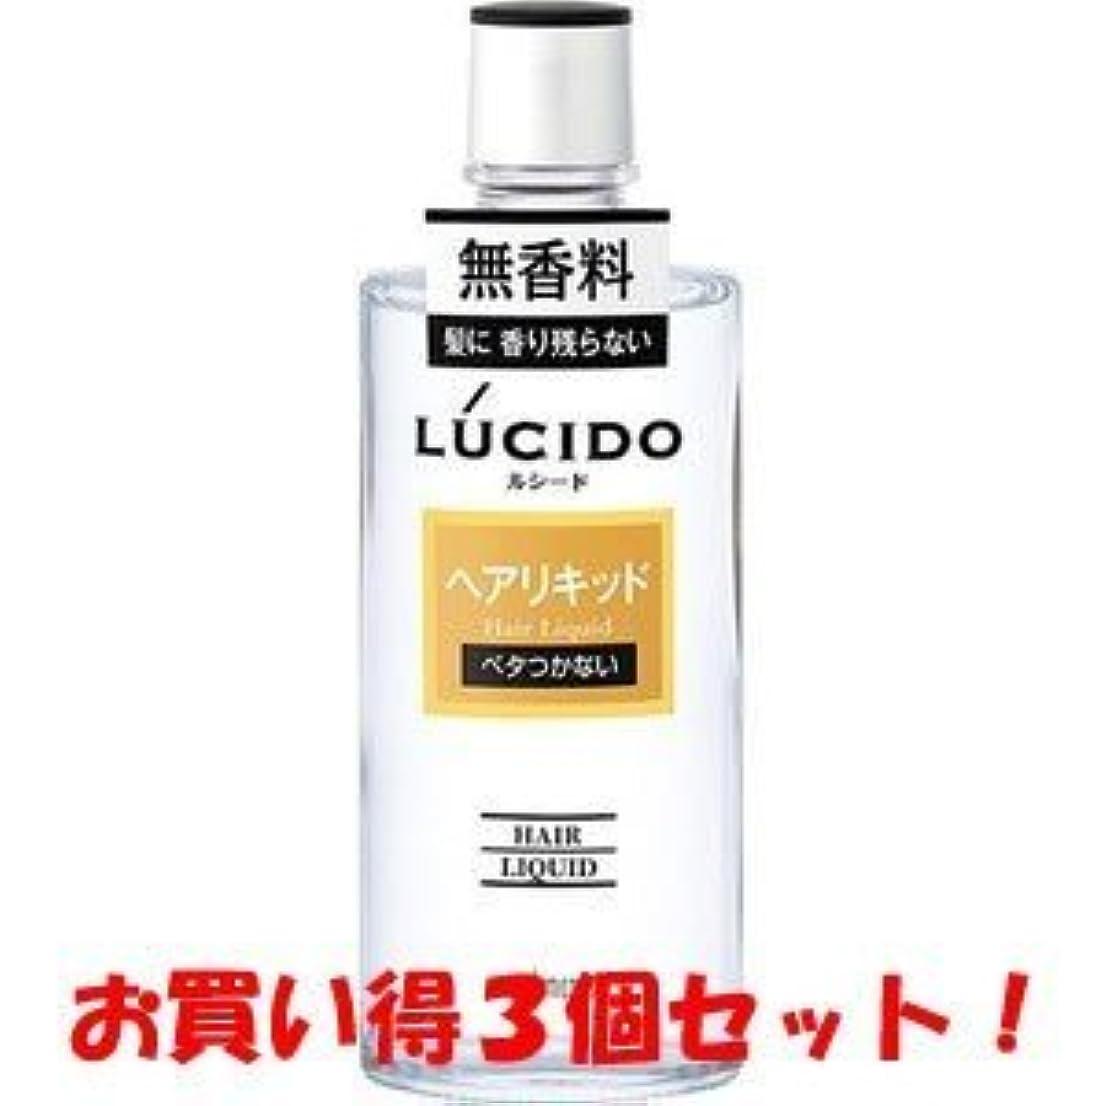 輸血トレイ毎日【LUCIDO】ルシード ヘアリキッド 200ml(お買い得3個セット)